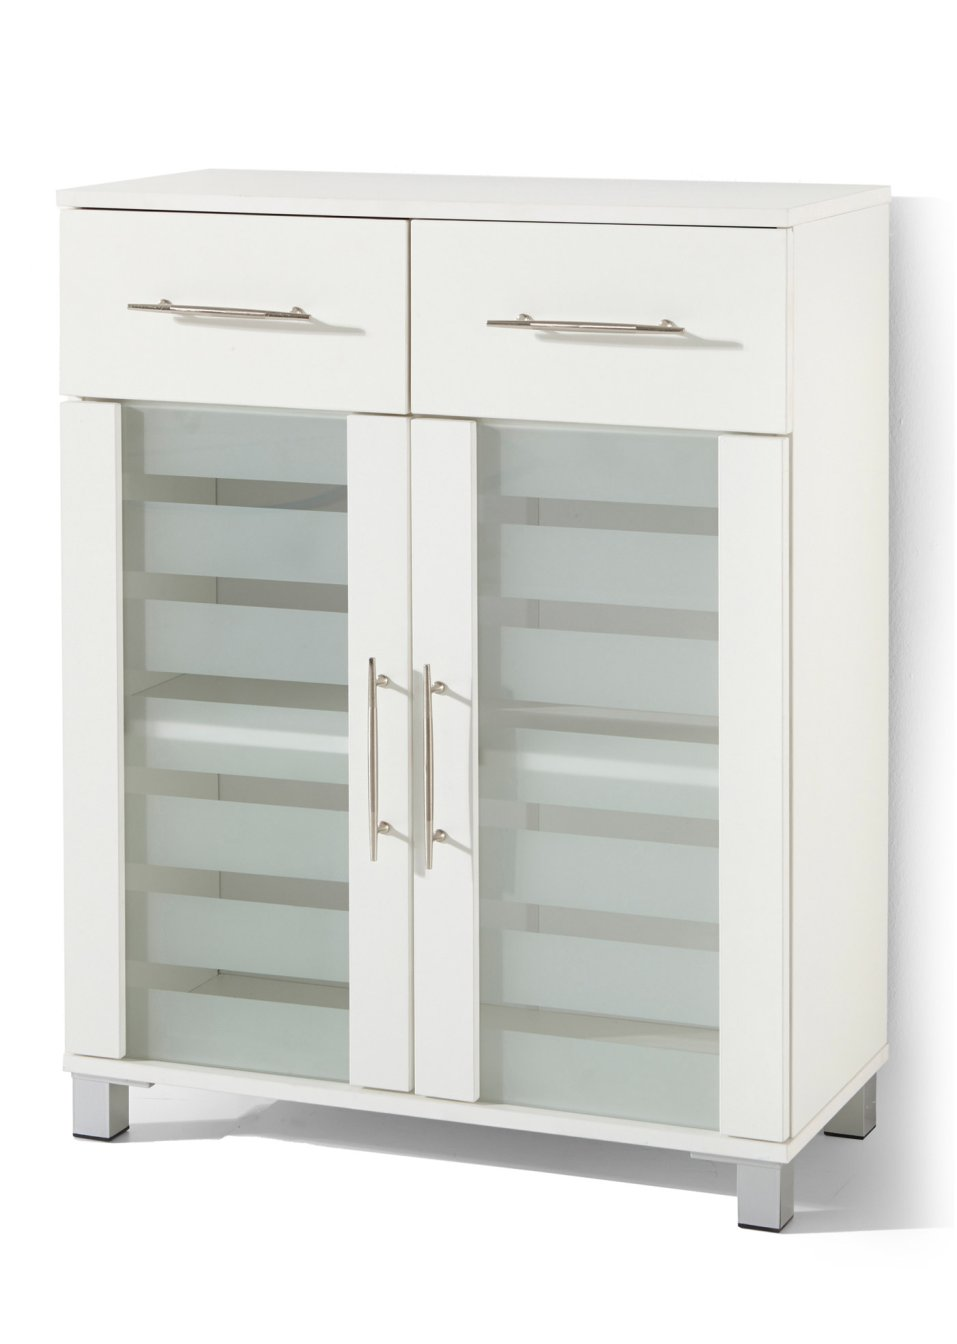 trendig und praktisch der 2 t rige badezimmer schrank mit 2 schubladen wei mit 2 t ren. Black Bedroom Furniture Sets. Home Design Ideas